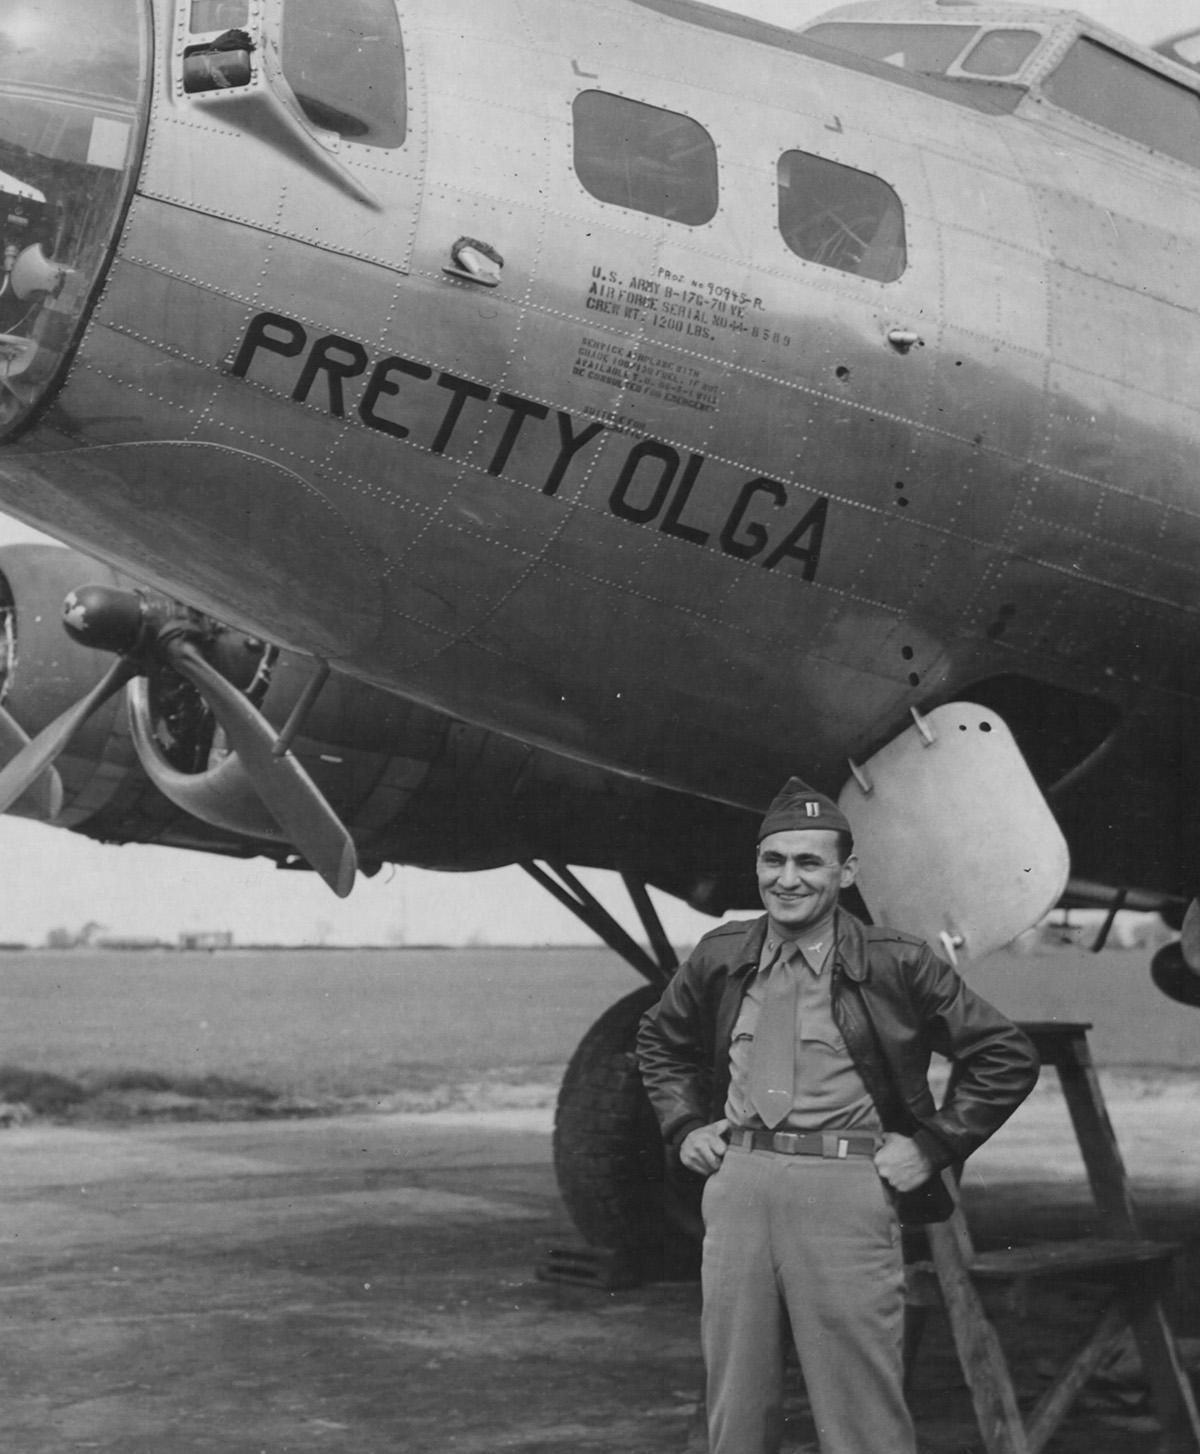 B-17 #44-8589 / Pretty Olga